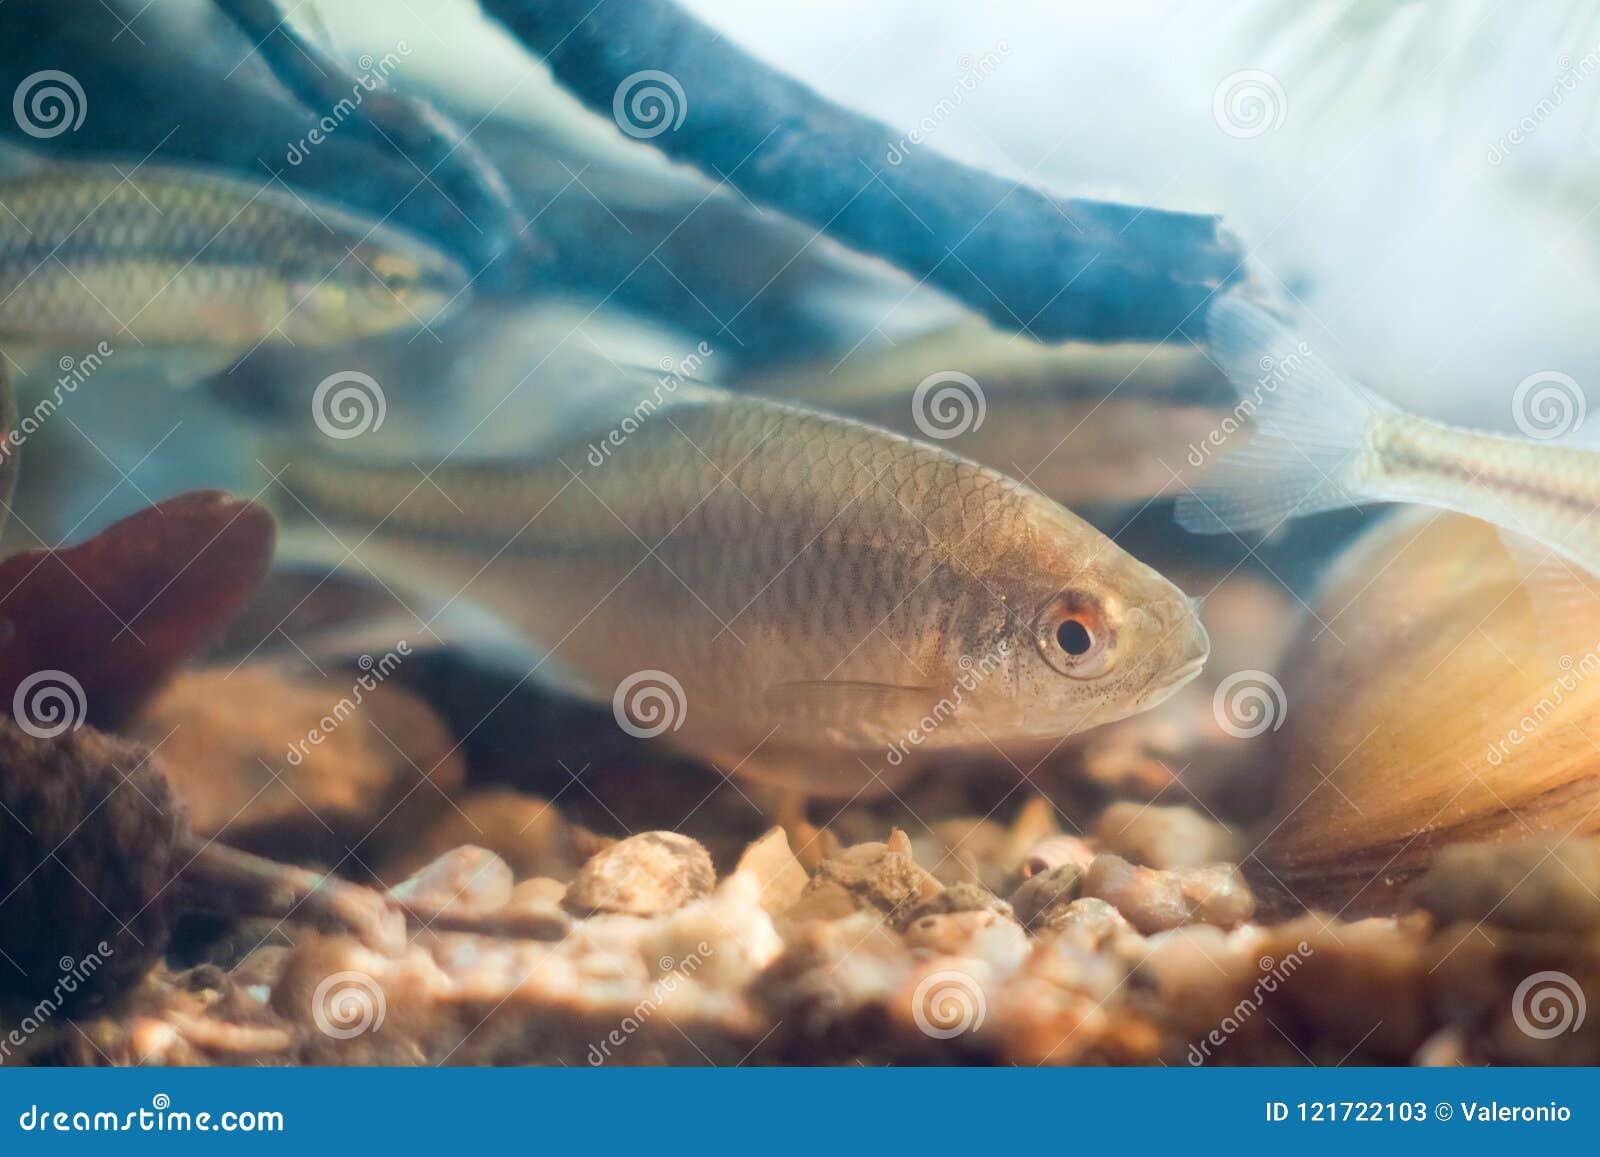 Rhodeus amarus, bitterling europeo, pesce di acqua dolce, foto della natura